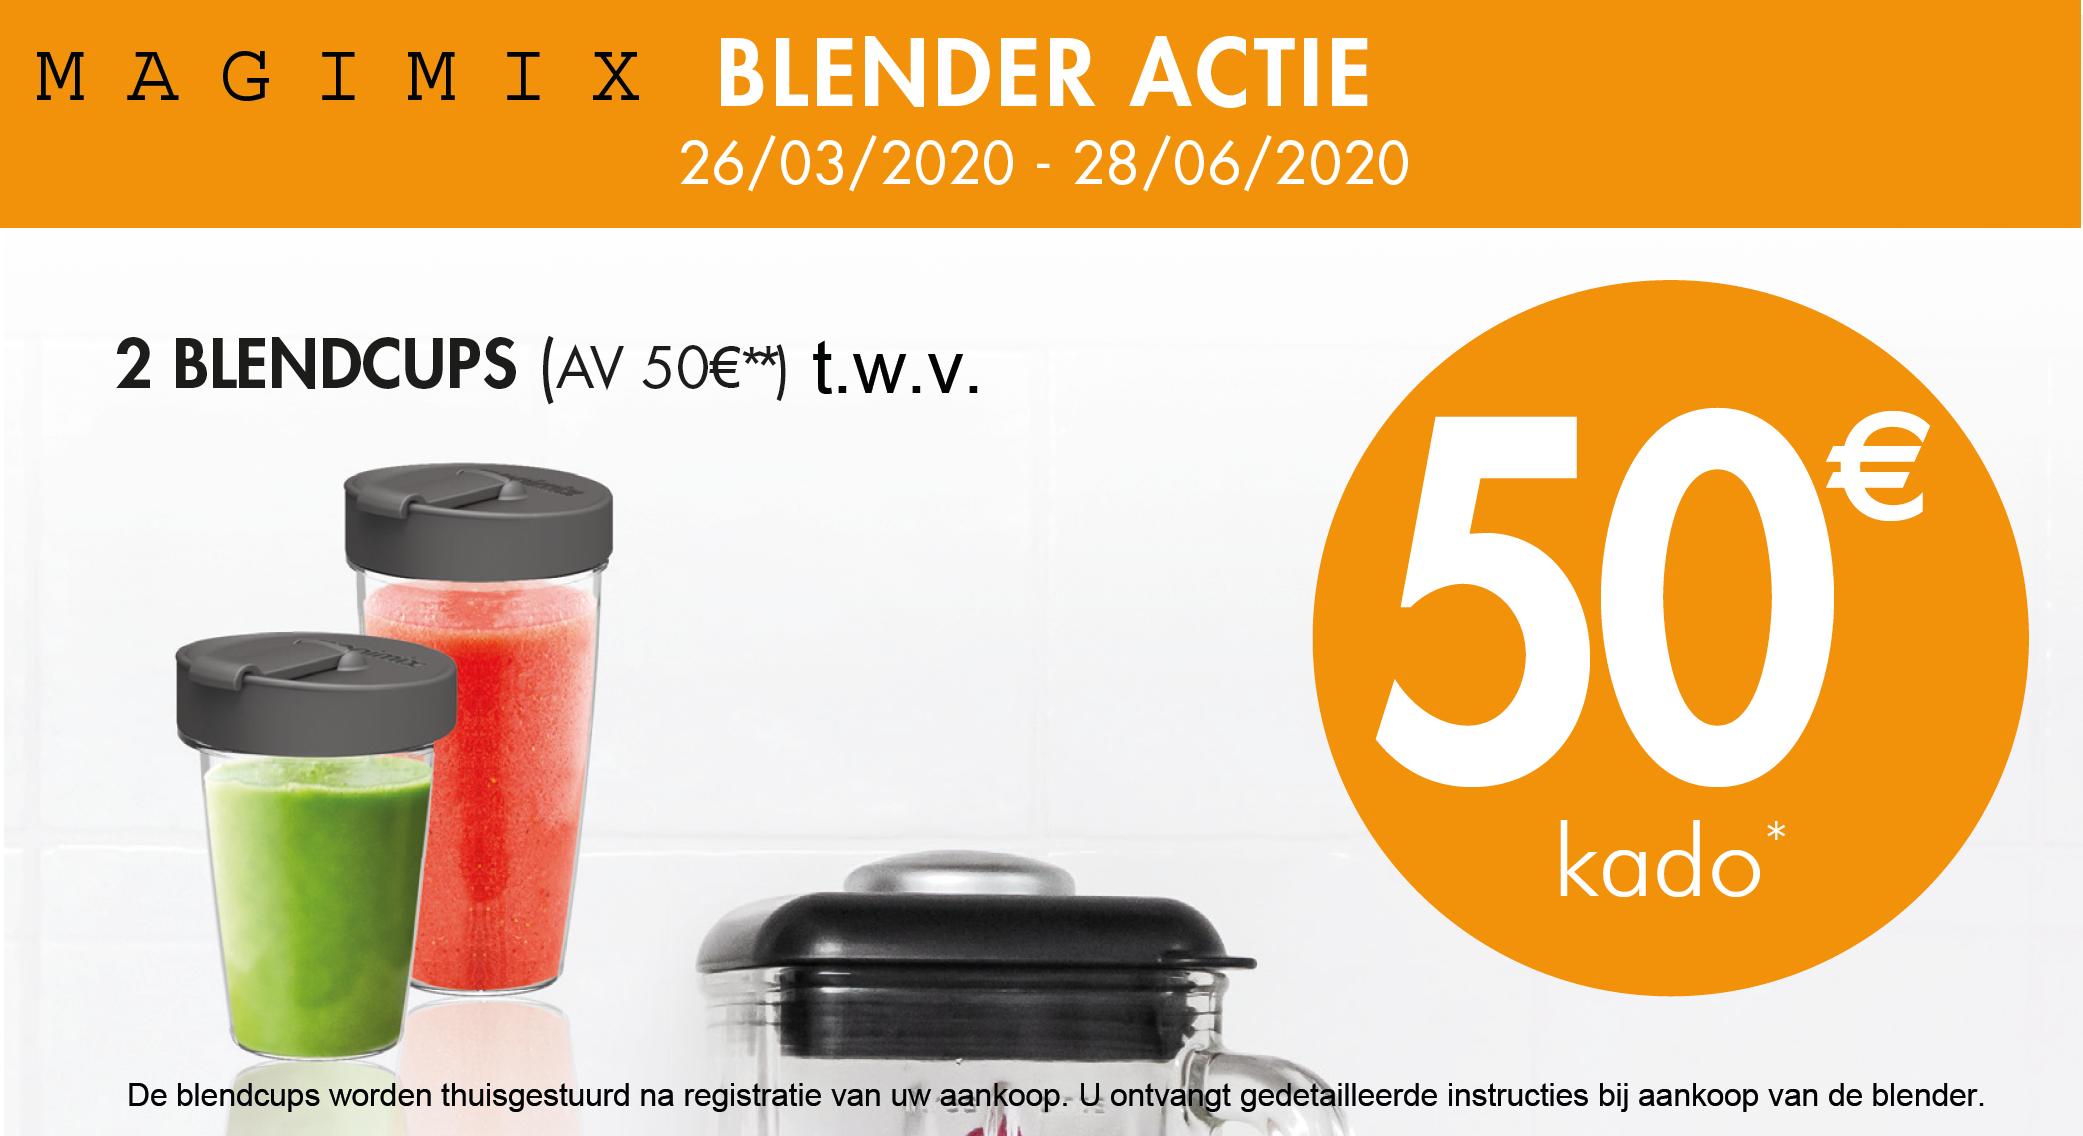 Magimix Blender aktie promotie